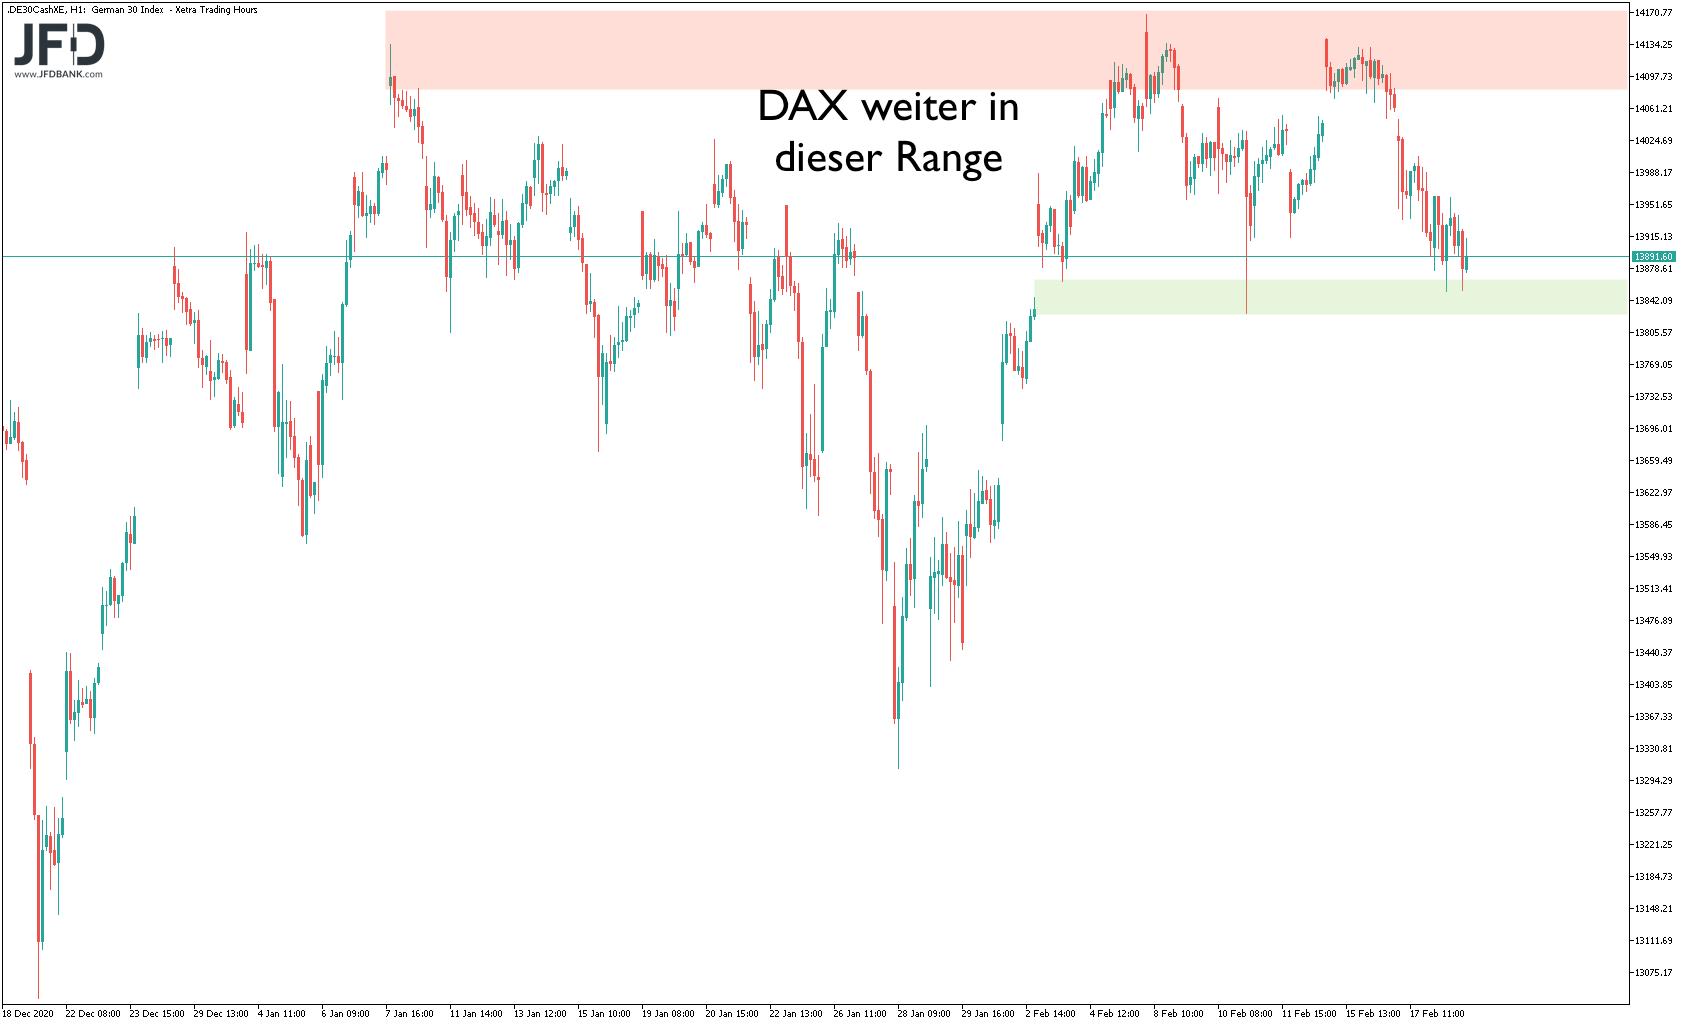 Range im übergeordneten DAX-Bild